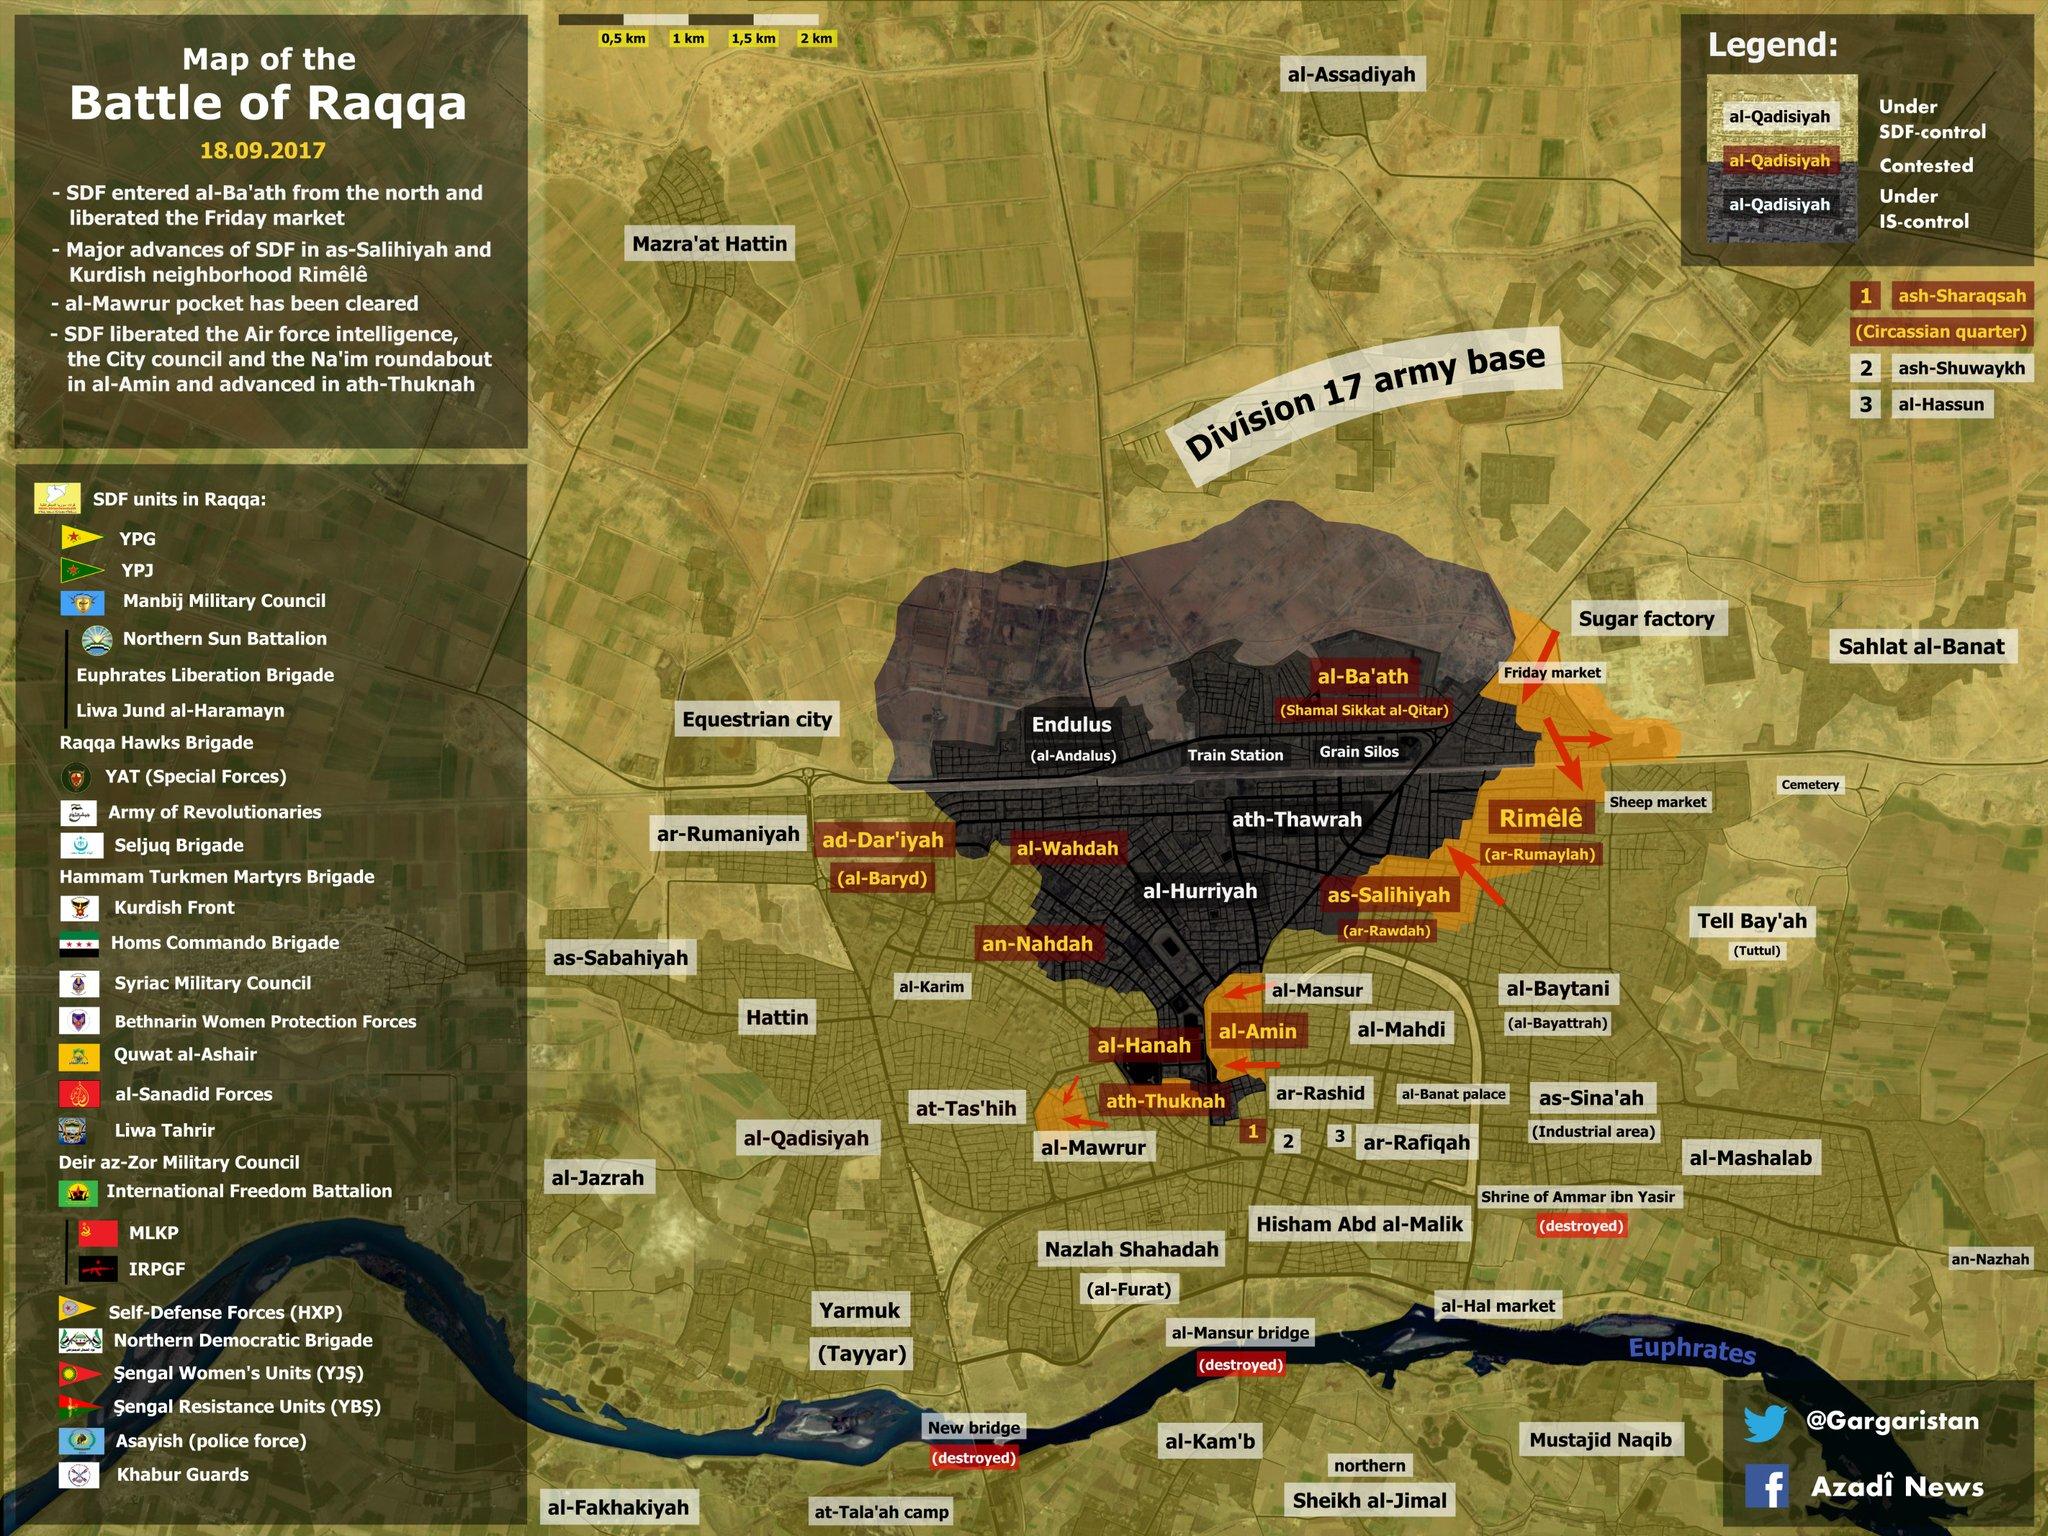 Наступление SDF на город Ракка, карта по состоянию 19.09.2017